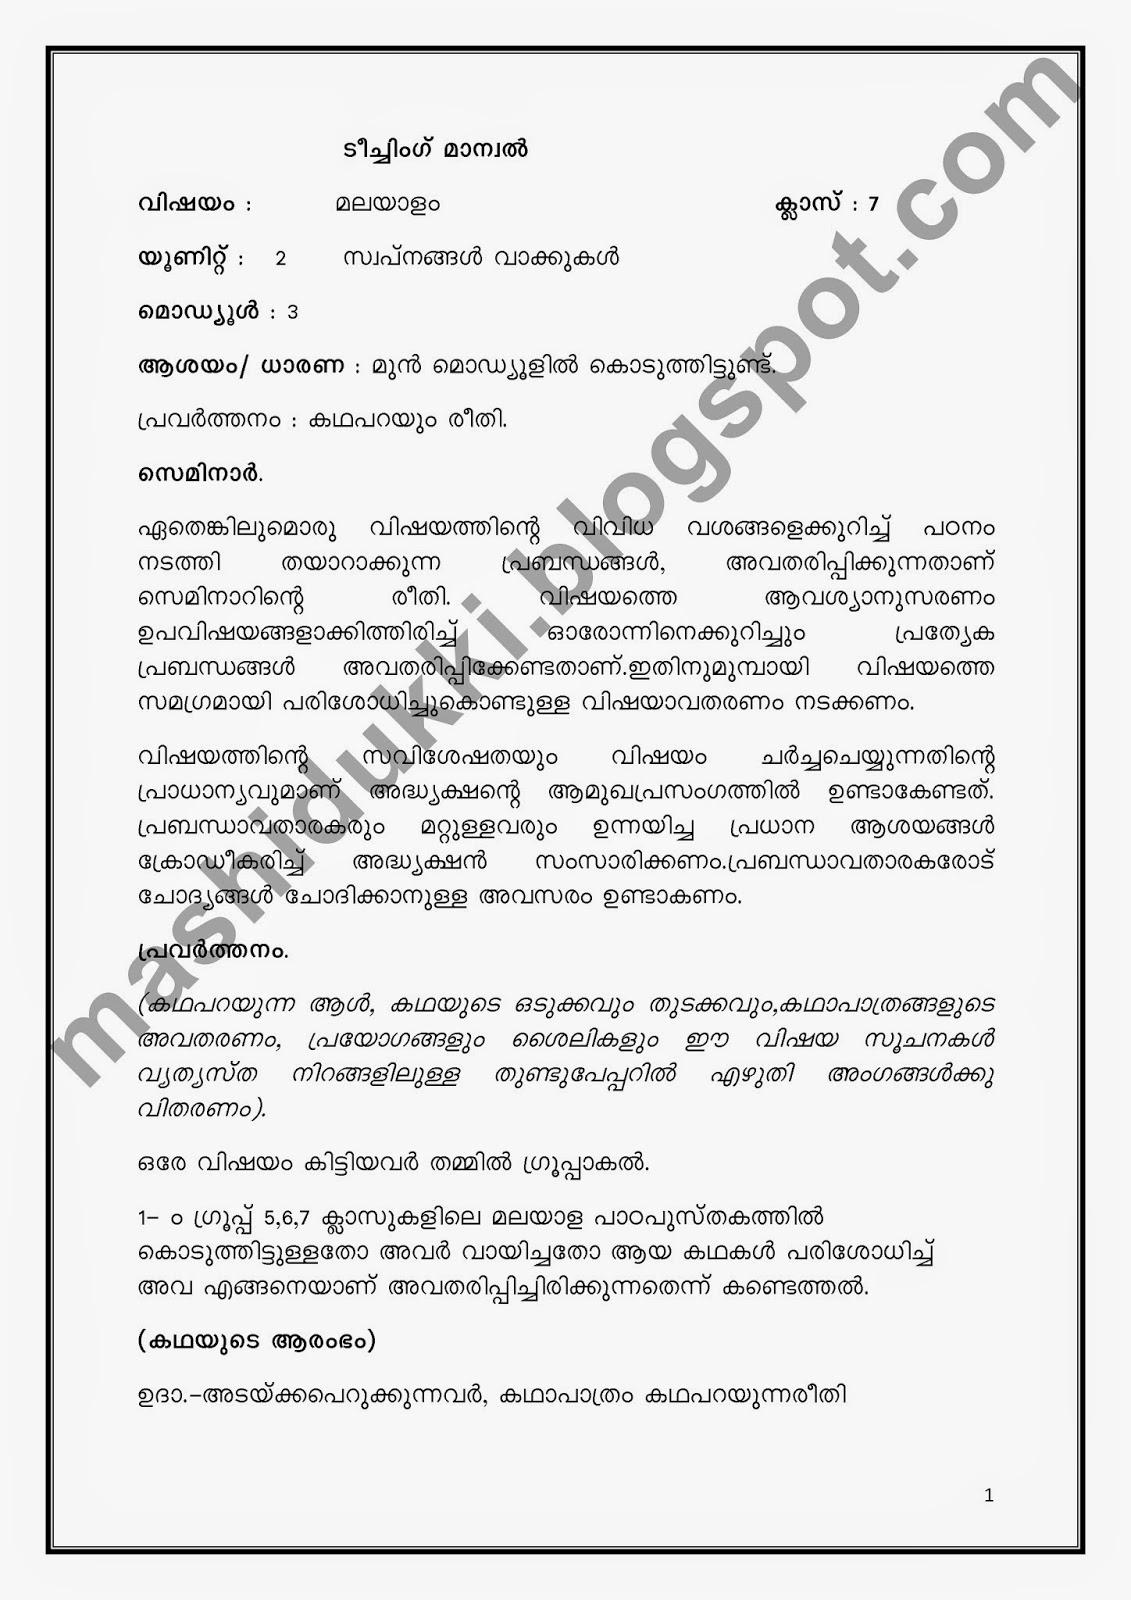 malayalam mash teaching manual seminar unit 2 up std 7 rh mashidukki blogspot com